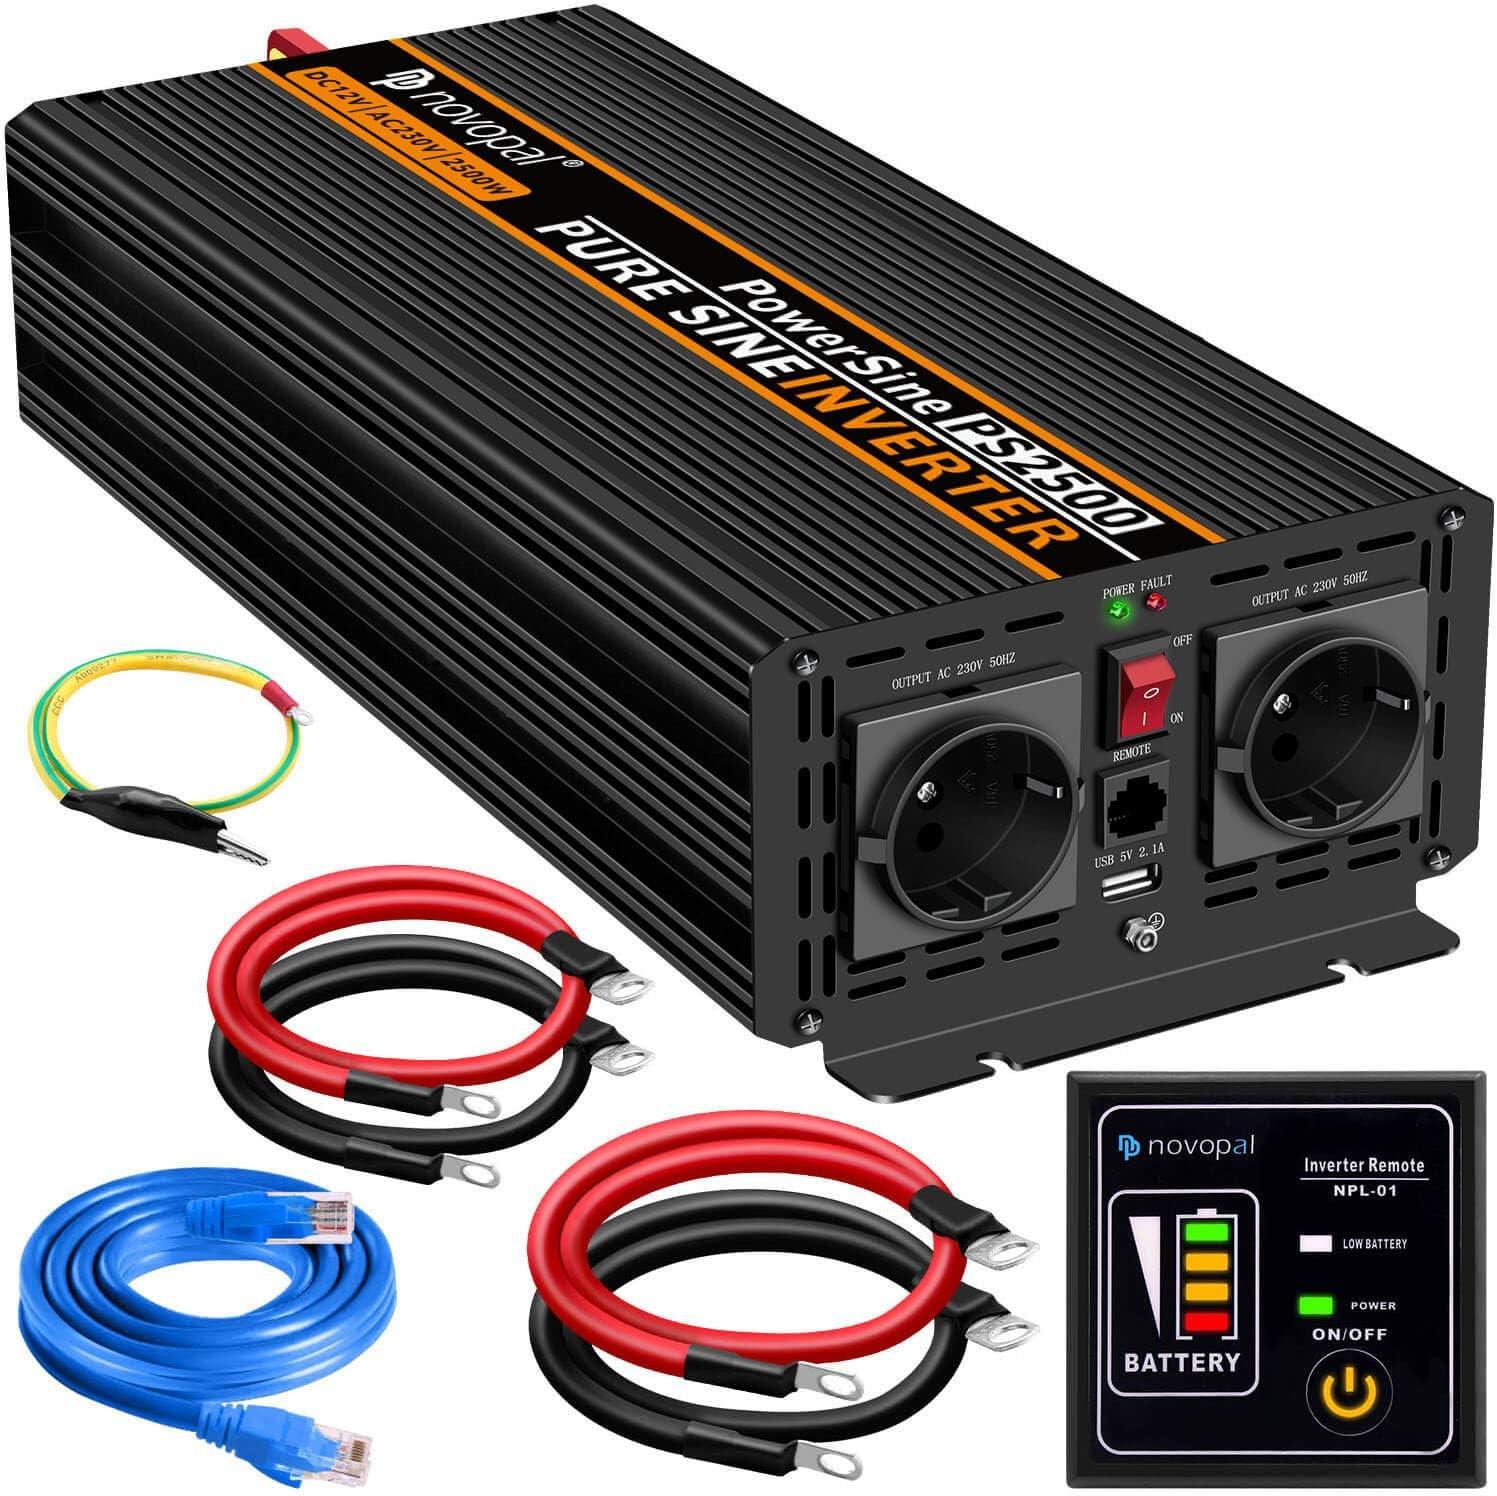 Auto Wechselrichter 12V auf 230V Umwandler inkl Inverter Konverter mit 2 EU Steckdose und USB-Port 2500W KFZ Reiner Sinus Spannungswandler 5 Meter Fernsteuerung Spitzenleistung 5000 Watt